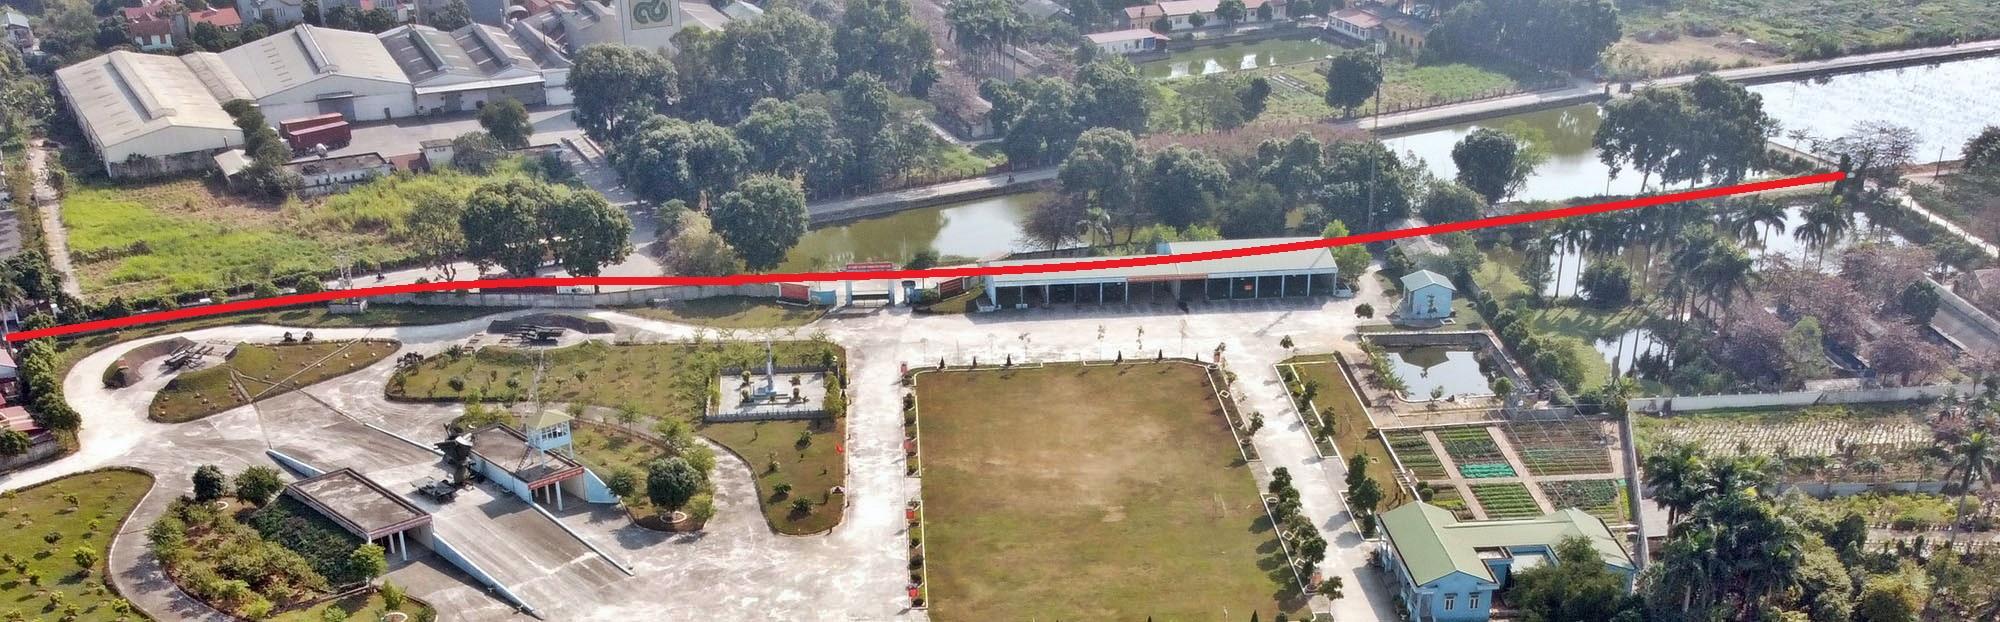 Ba đường sẽ mở theo quy hoạch ở phường Thụy Phương, Bắc Từ Liêm, Hà Nội (phần 3) - Ảnh 5.